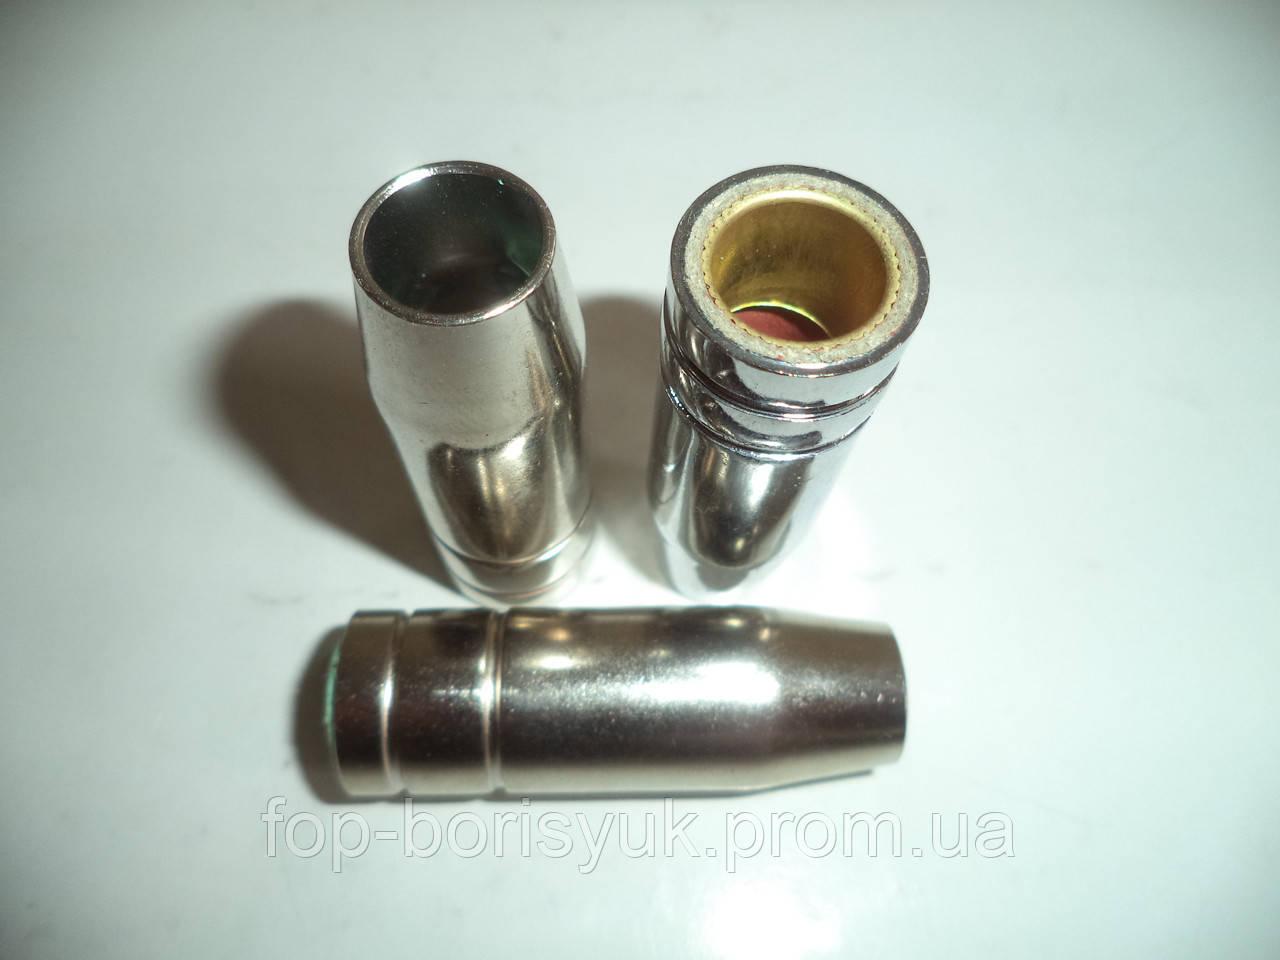 Газовое сопло никелированное без резьбы